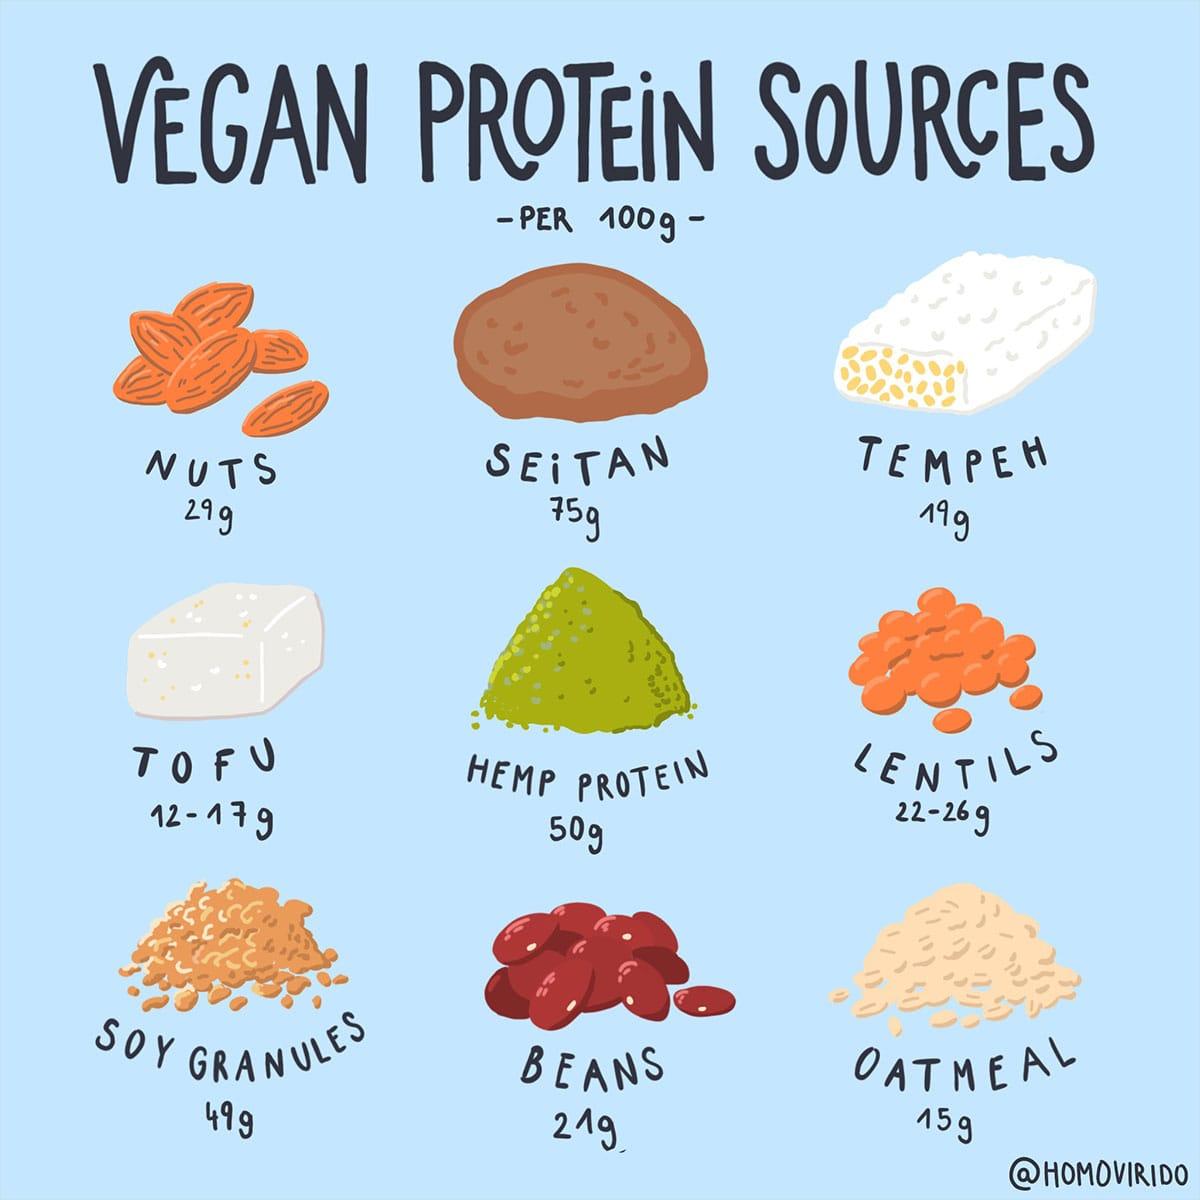 PetraHollaender_Vegan_Protein_Sources